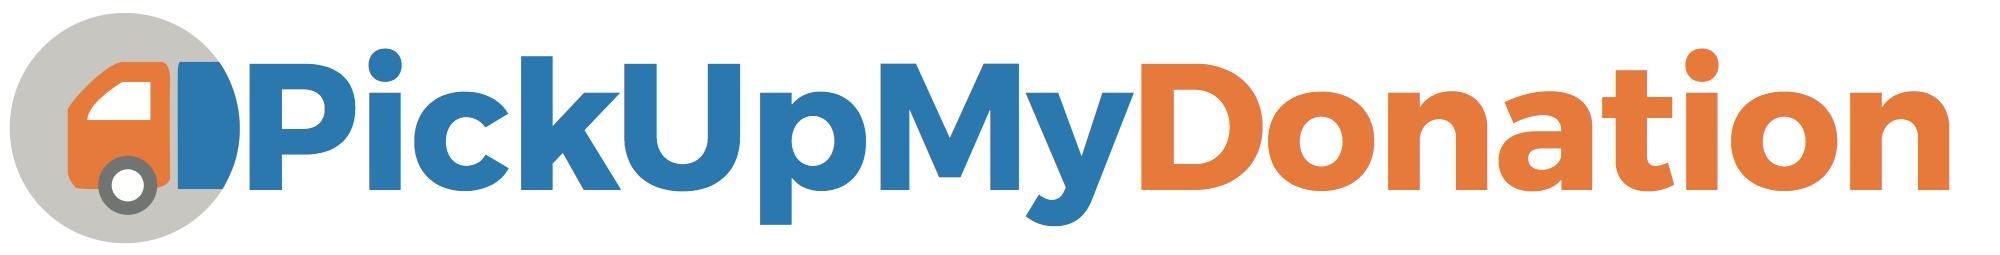 PickUpMyDonation Logo Design Knoxville TN